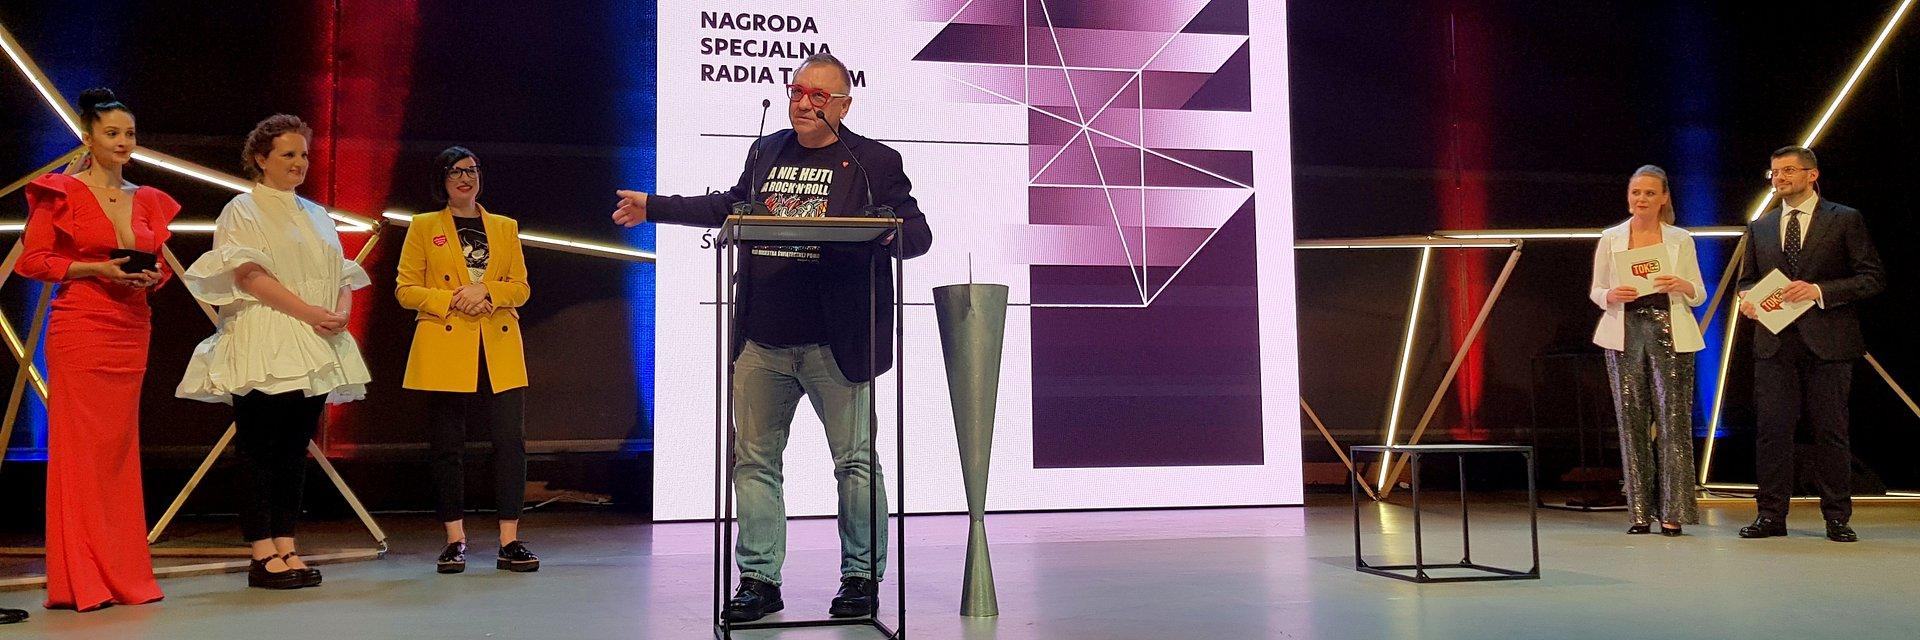 Nagroda TOK FM dla Jurka Owsiaka i WOŚP